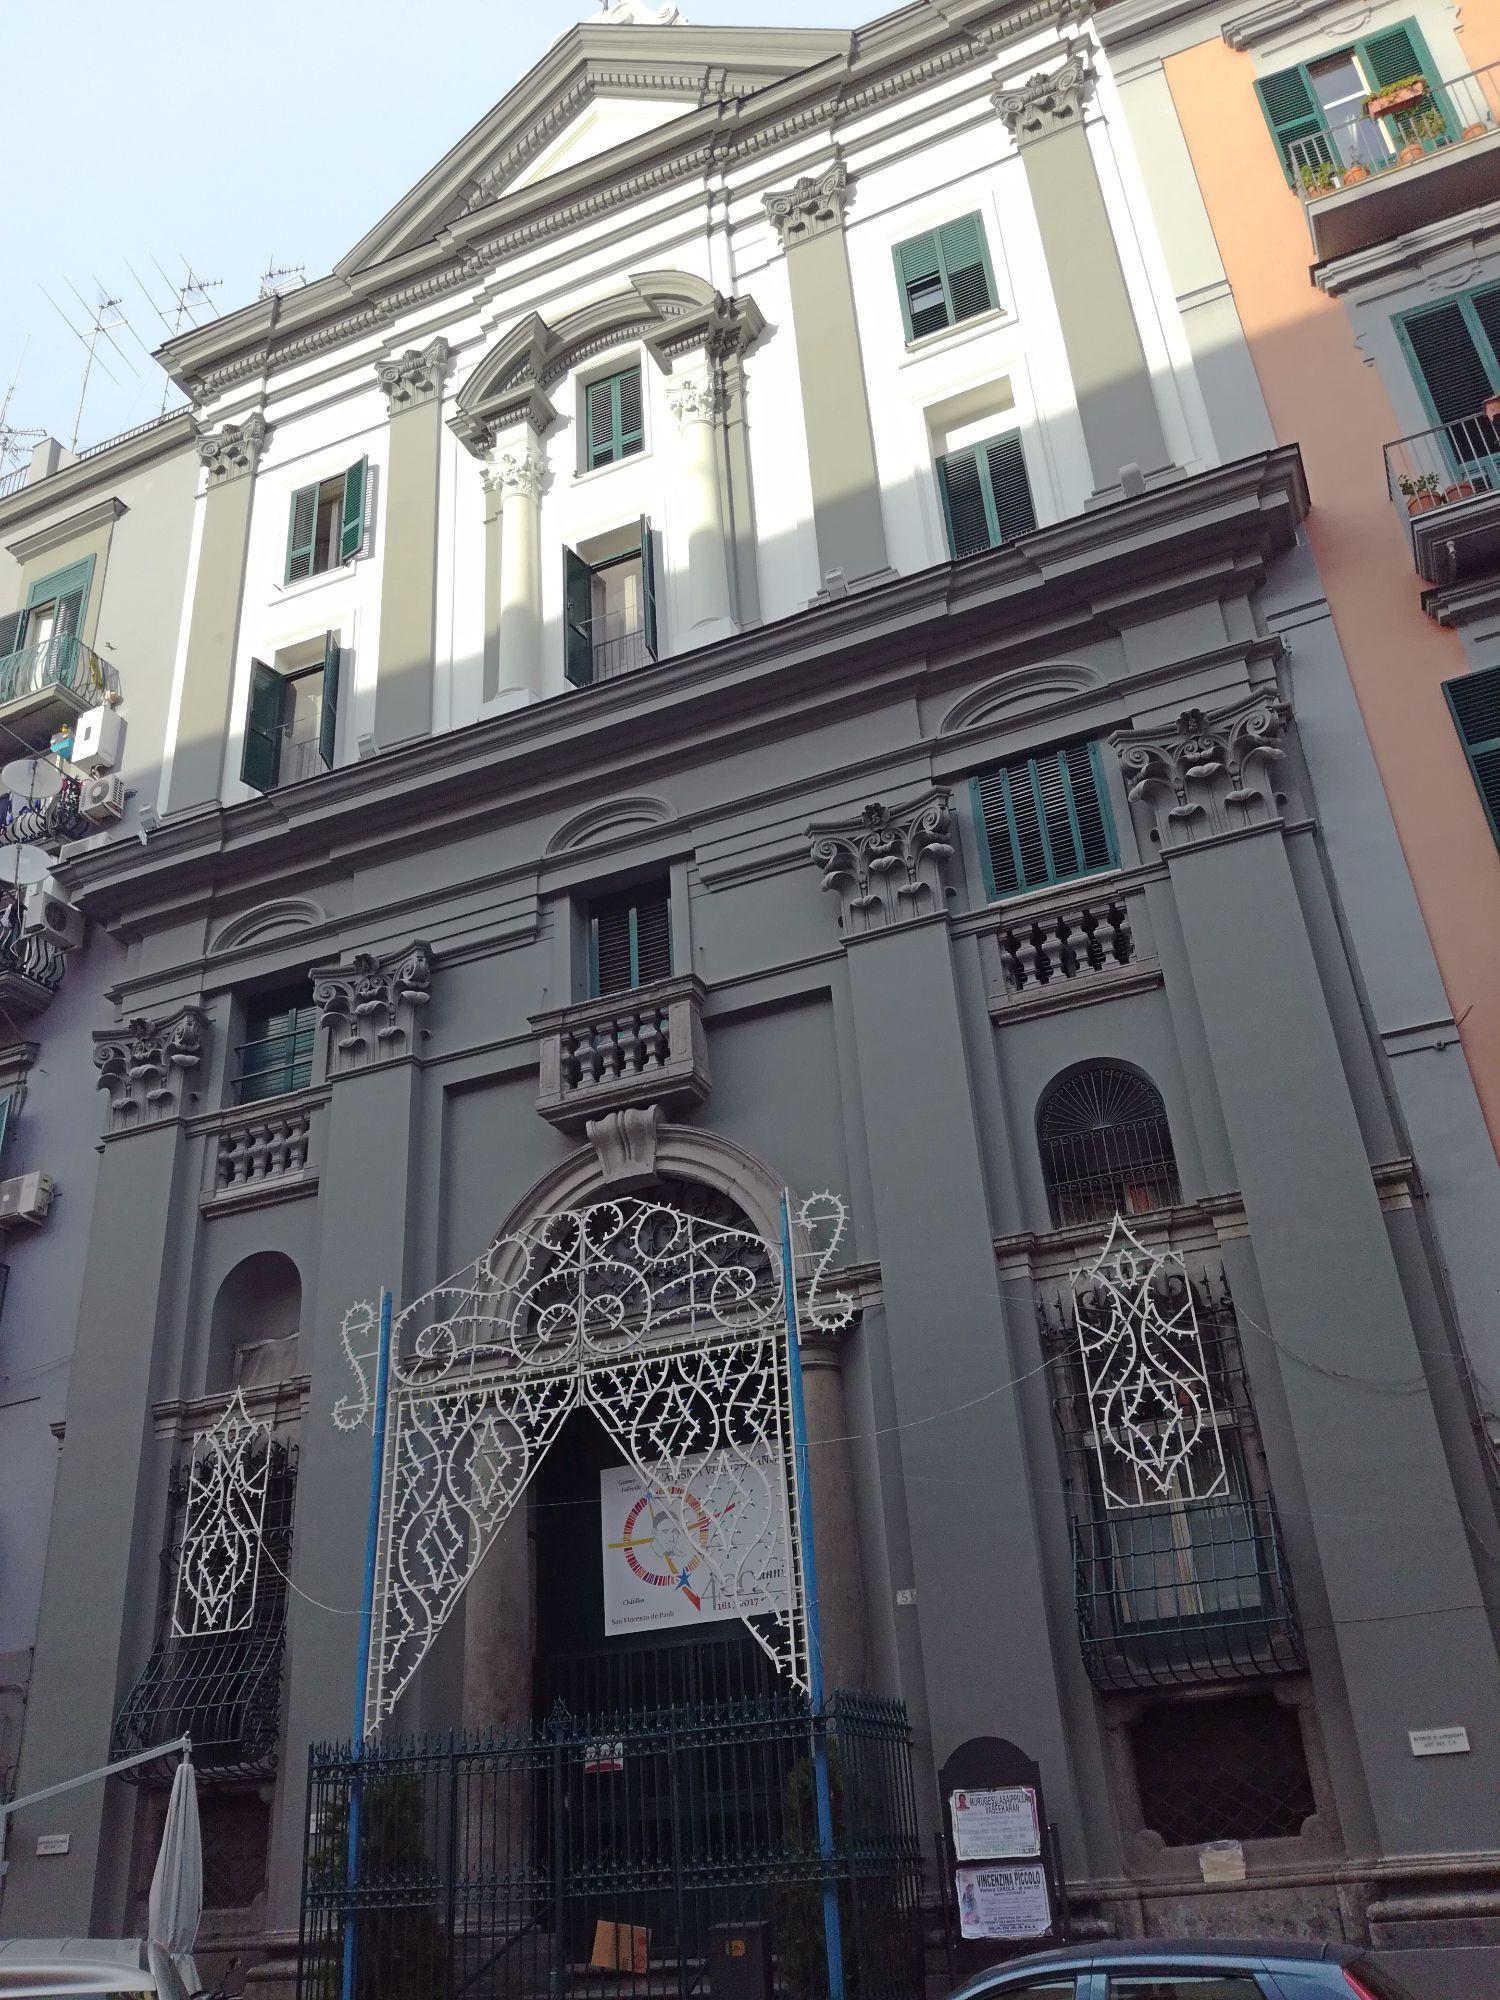 Chiesa della missione ai vergini wikipedia for Casa in stile missione